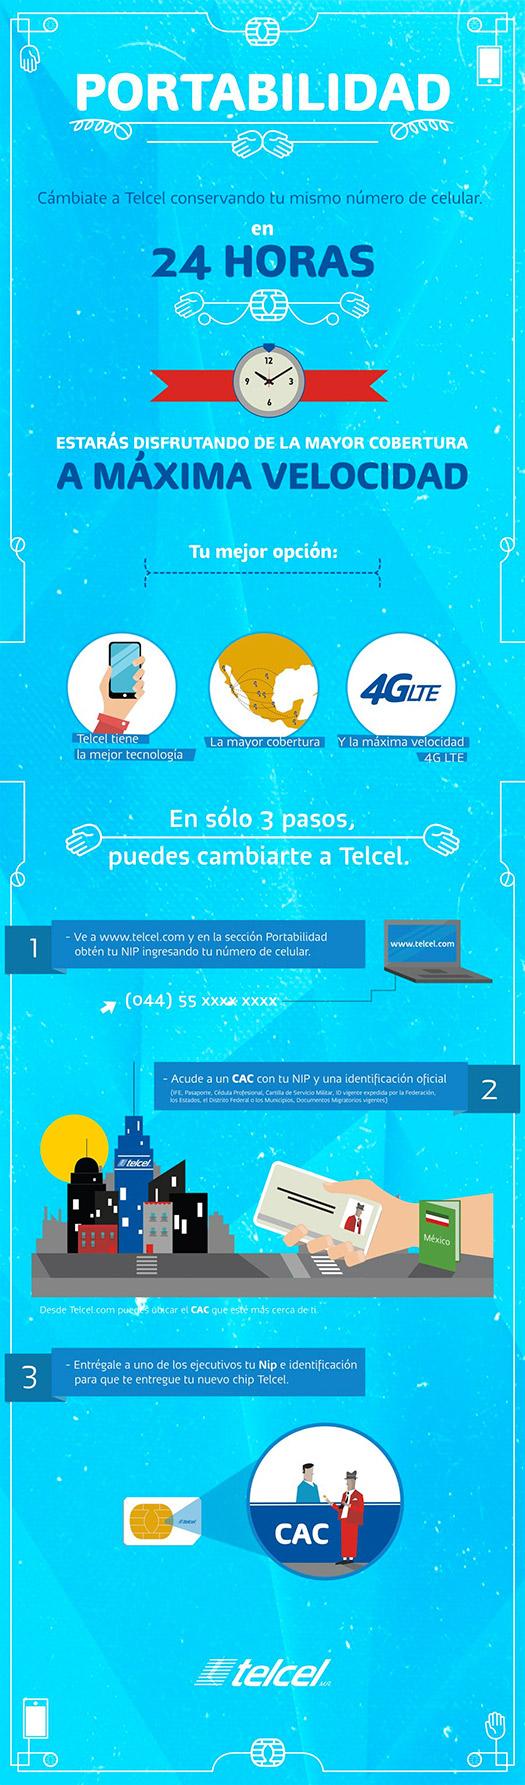 Infografía Portabilidad Telcel 24 horas